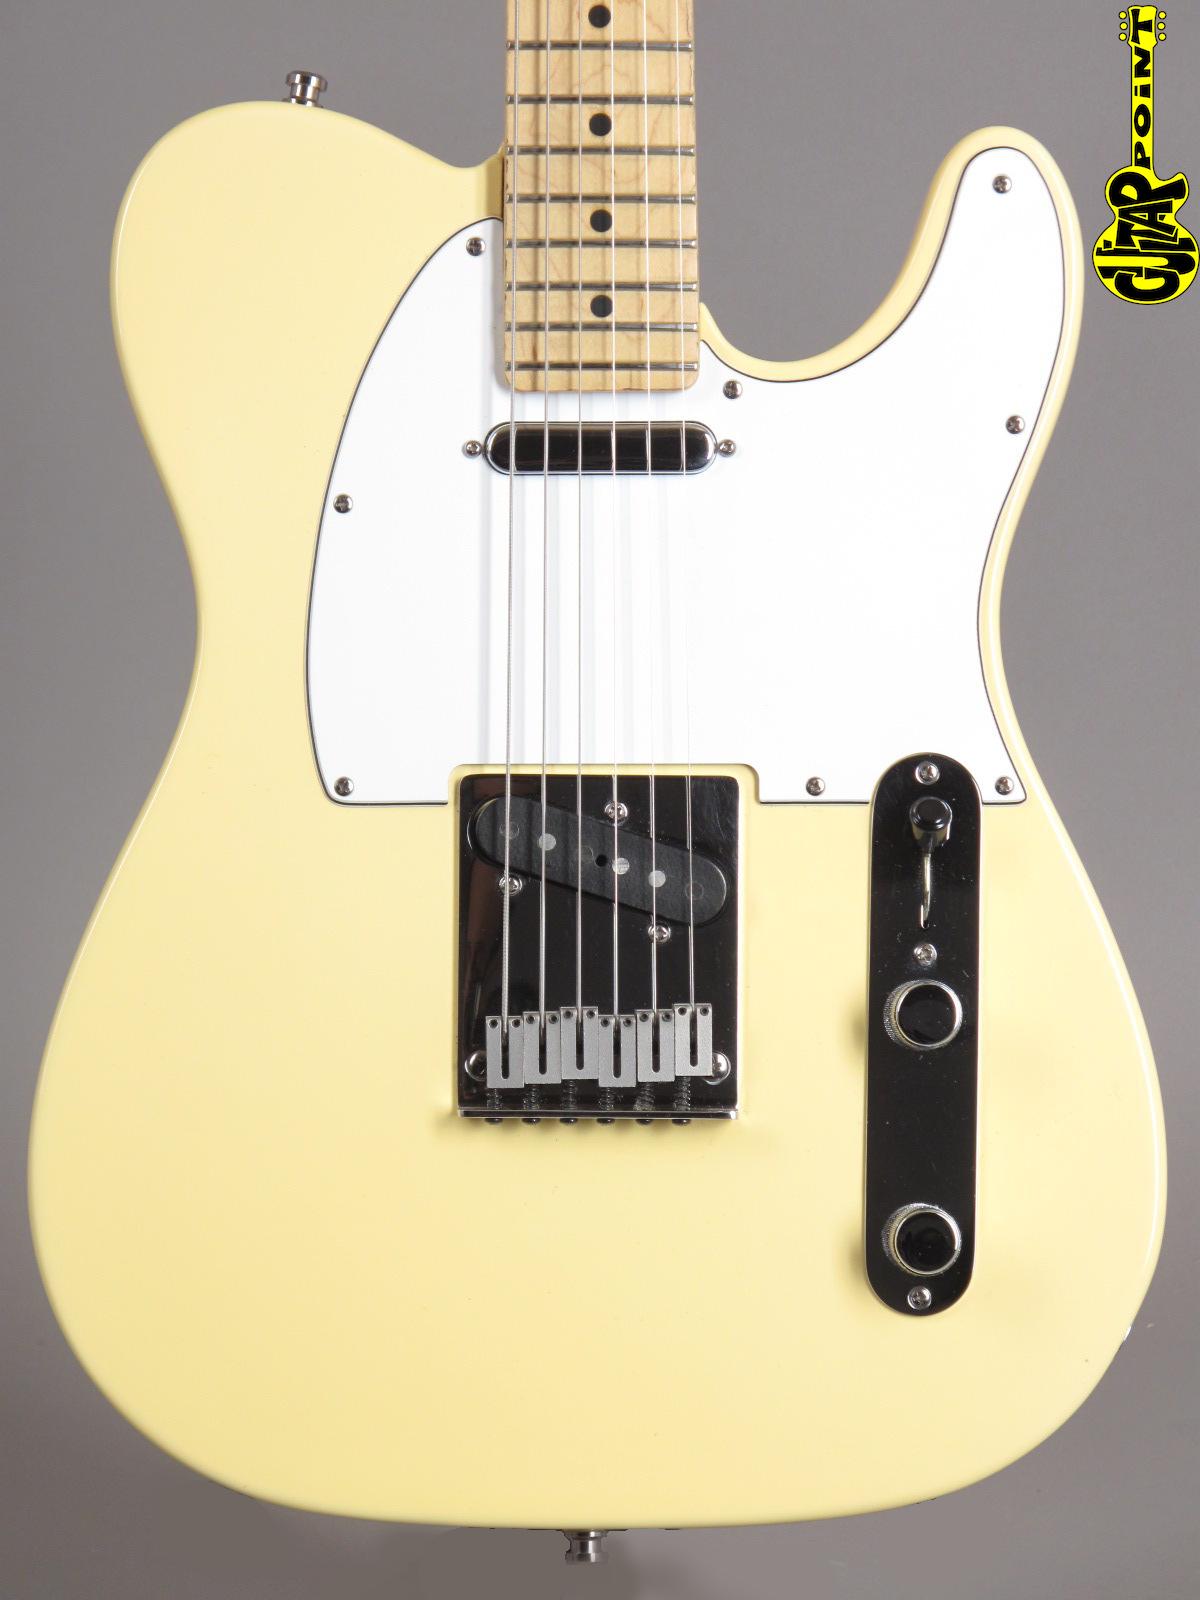 1993 Fender American Standard Telecaster - Olympic White